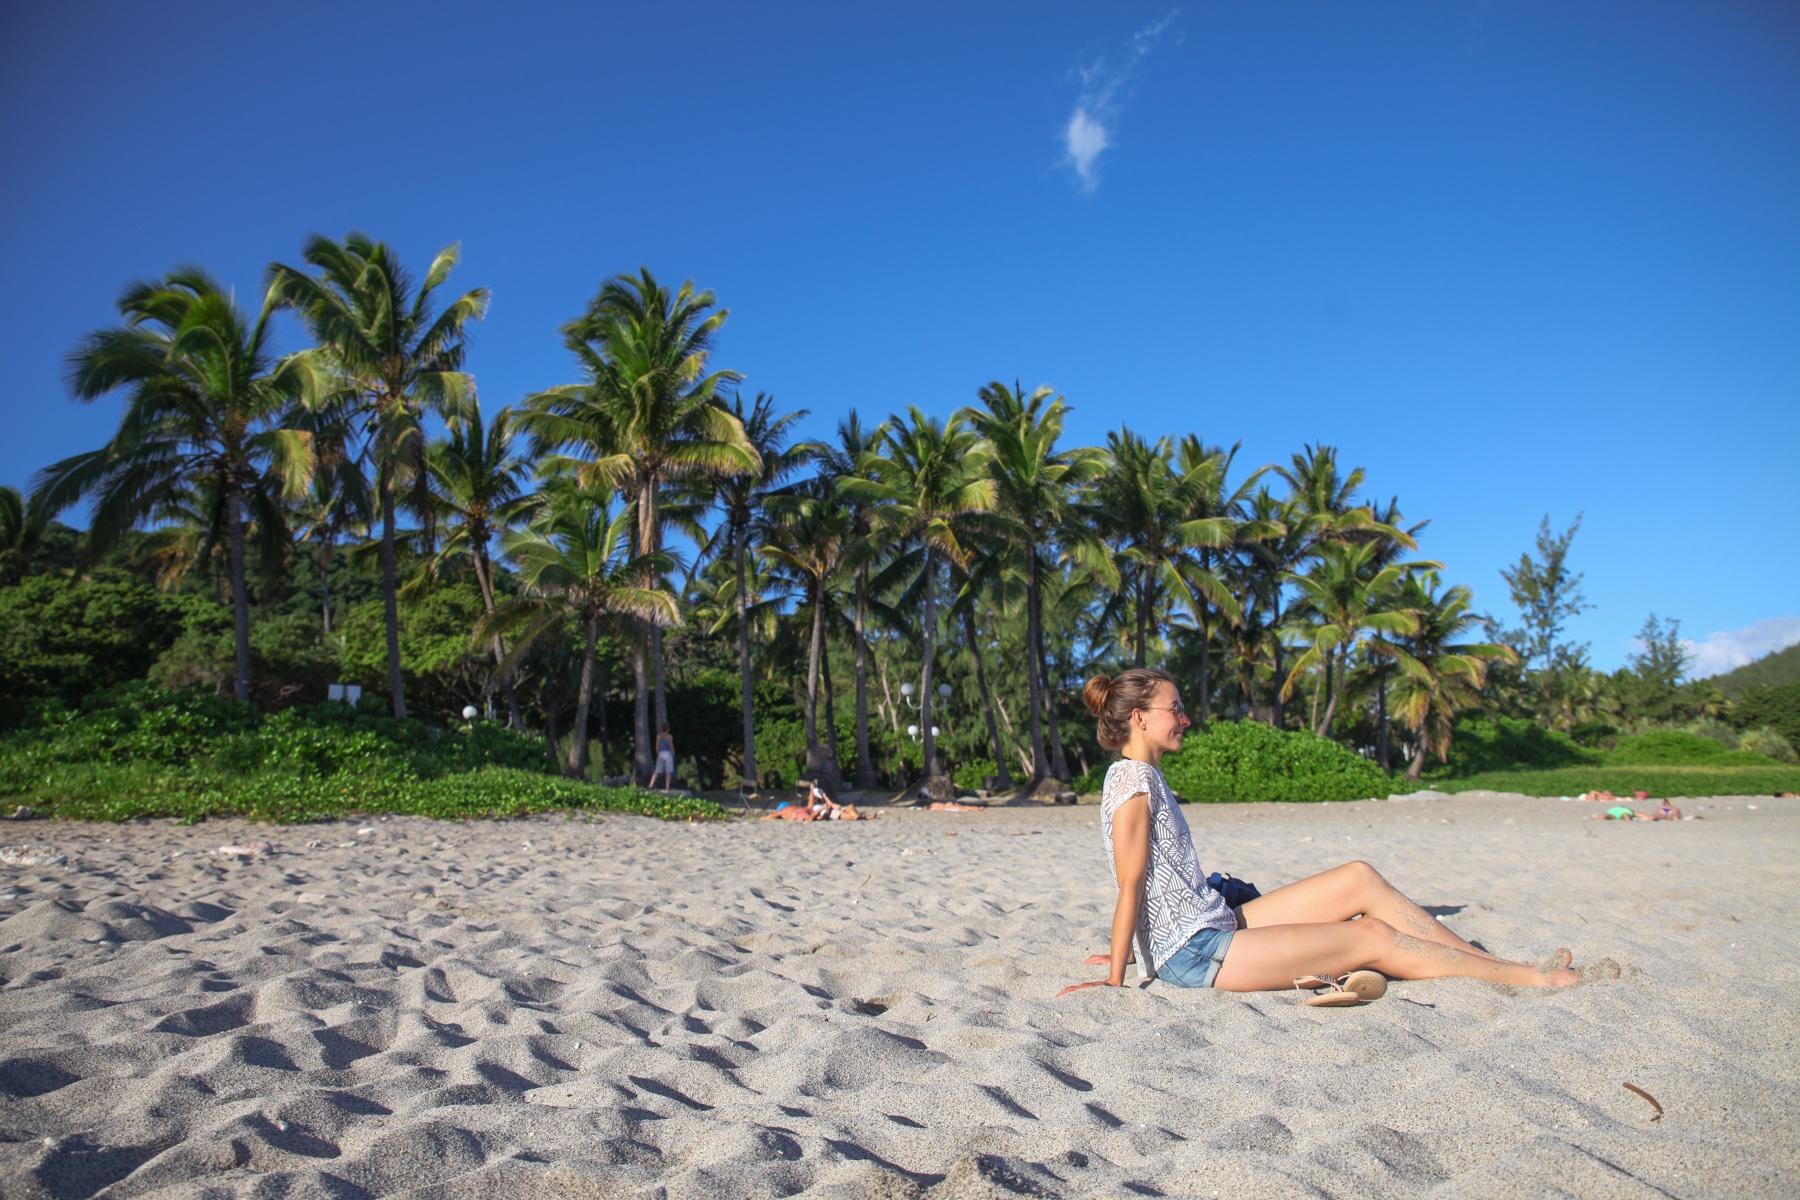 Auch paradiesische Strände gibt es auf La Réunion. Baden solltest du aber nur in den markierten Strandbereichen.